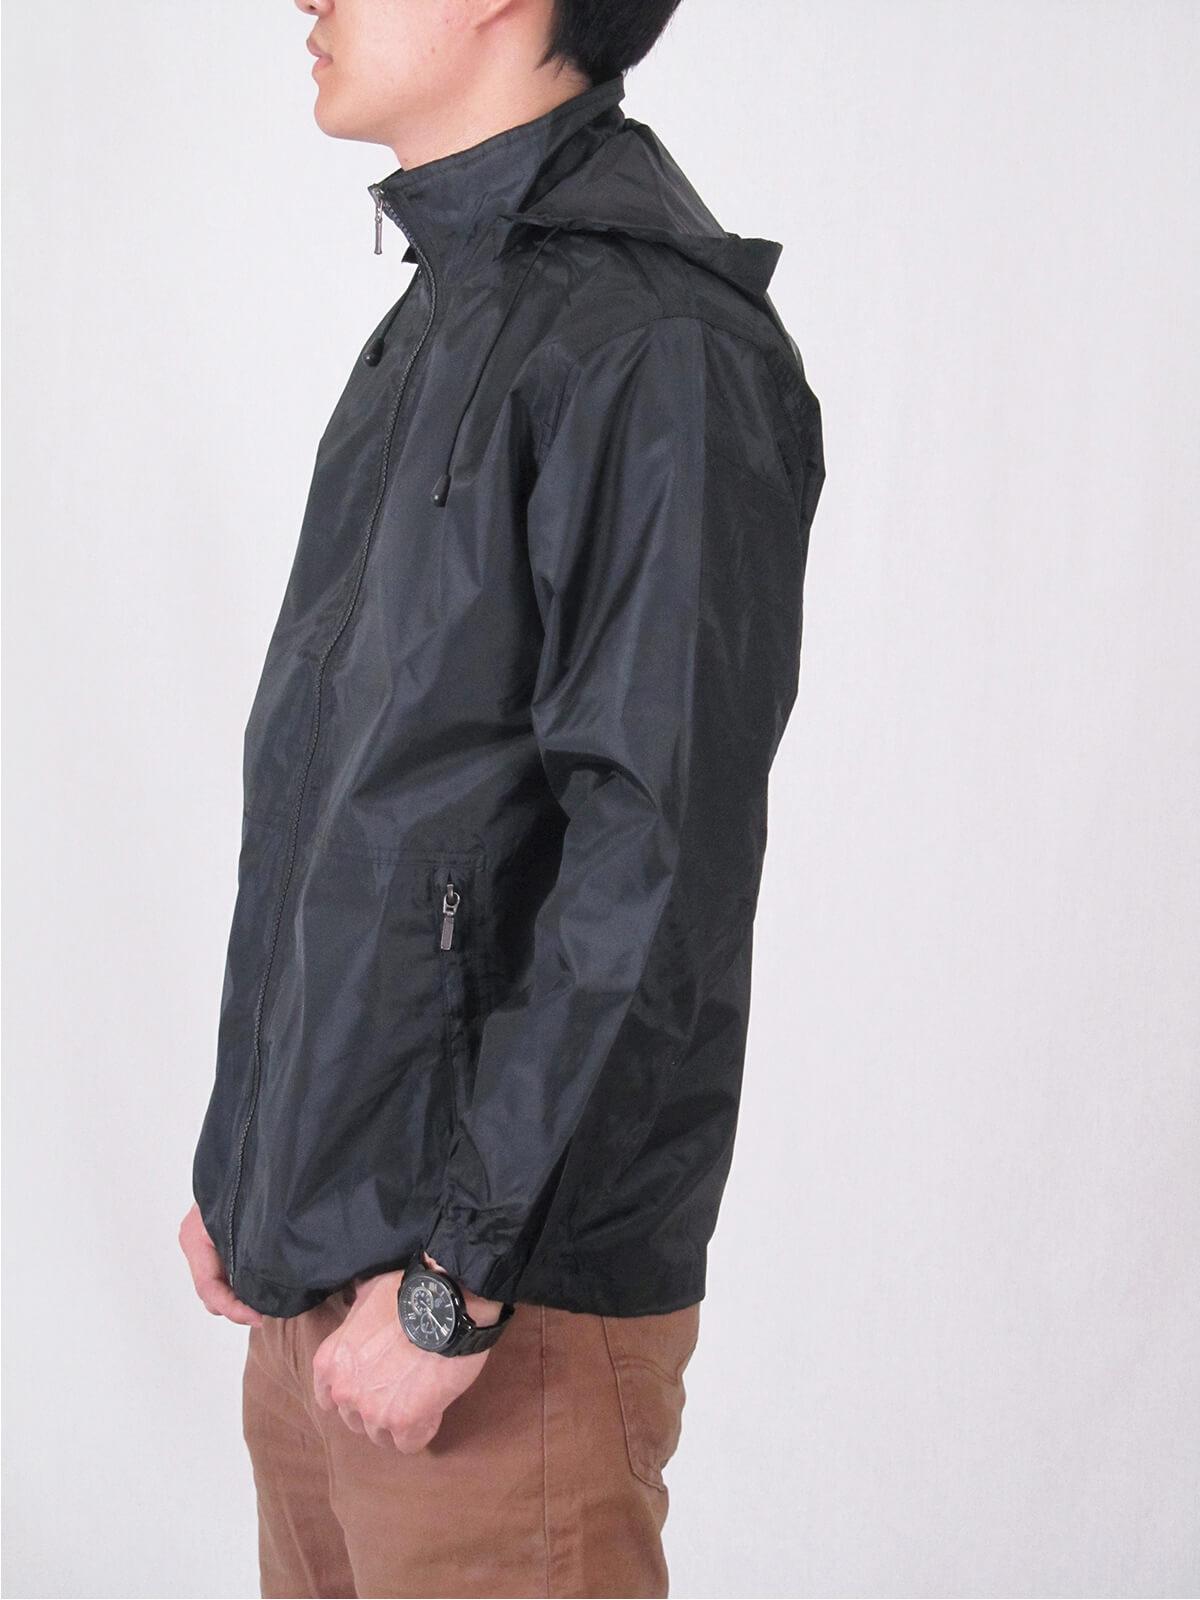 抗紫外線防曬薄外套 防風防潑水休閒外套 抗UV機能布料素面外套 遮陽外套 附帽可拆 風衣外套 輕量薄外套 ANTI-UV THIN COAT JACKET (321-8816-01)黑色、(321-8816-02)深藍色、(321-8816-03)紅色 M L XL 2L 3L 4L 5L(胸圍:45~57英吋) [實體店面保障] sun-e 9